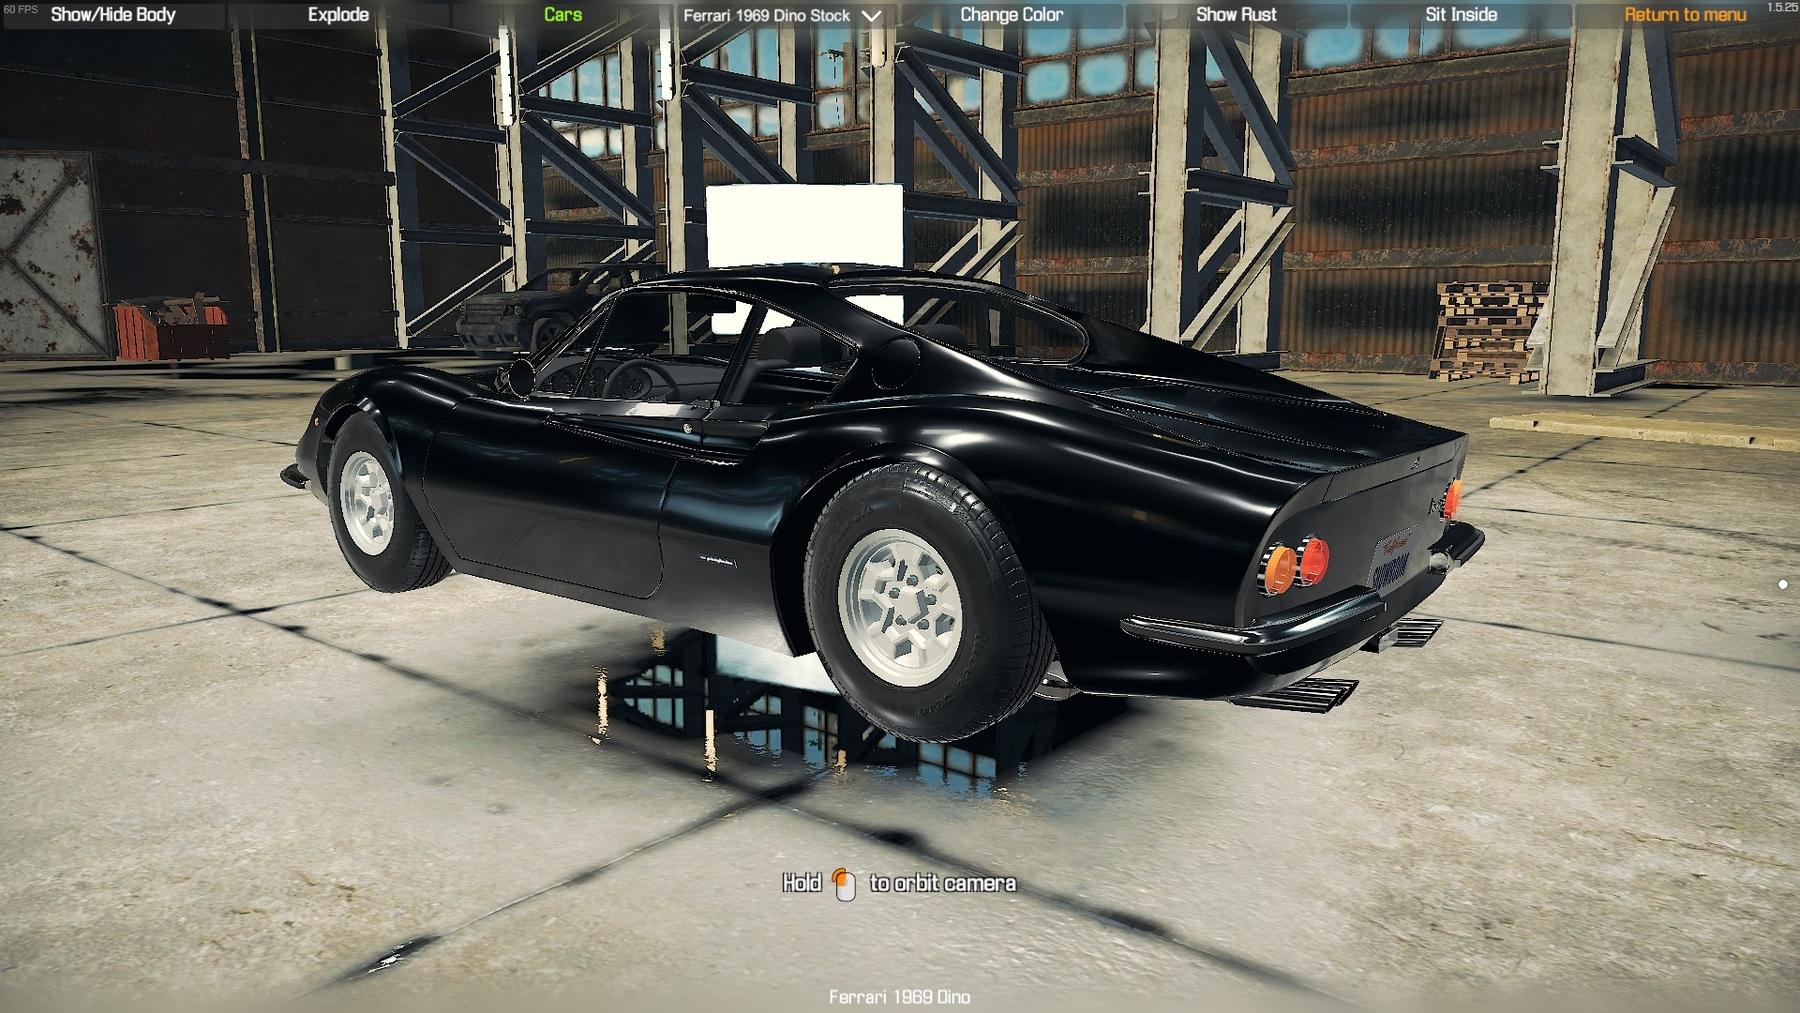 Car Mechanic Simulator 2018 Mods Mods For Games >> 1969 Ferrari Dino - CMS 2018 Cars - Car Mechanic Simulator ...